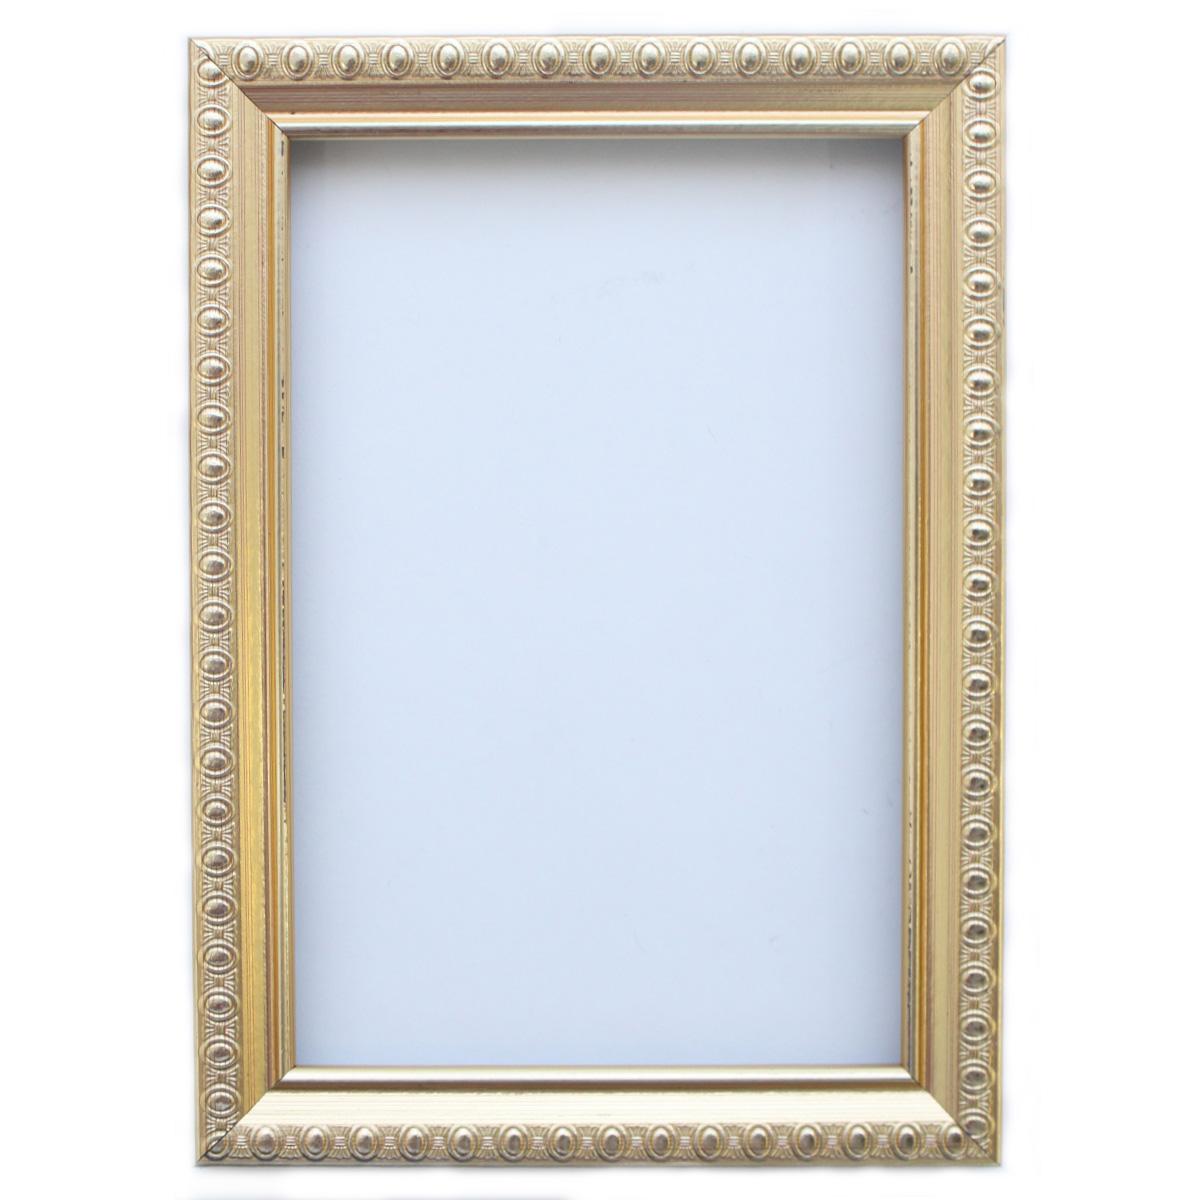 Рама без стекла с прозрачным дном, цвет: золото, 10х15 см. RAM111001TEMP-05Рамы предназначены для оформления картин, фотографий. Обрамленные такой рамкой работы, сразу же преображаются и приобретают завершенный вид.